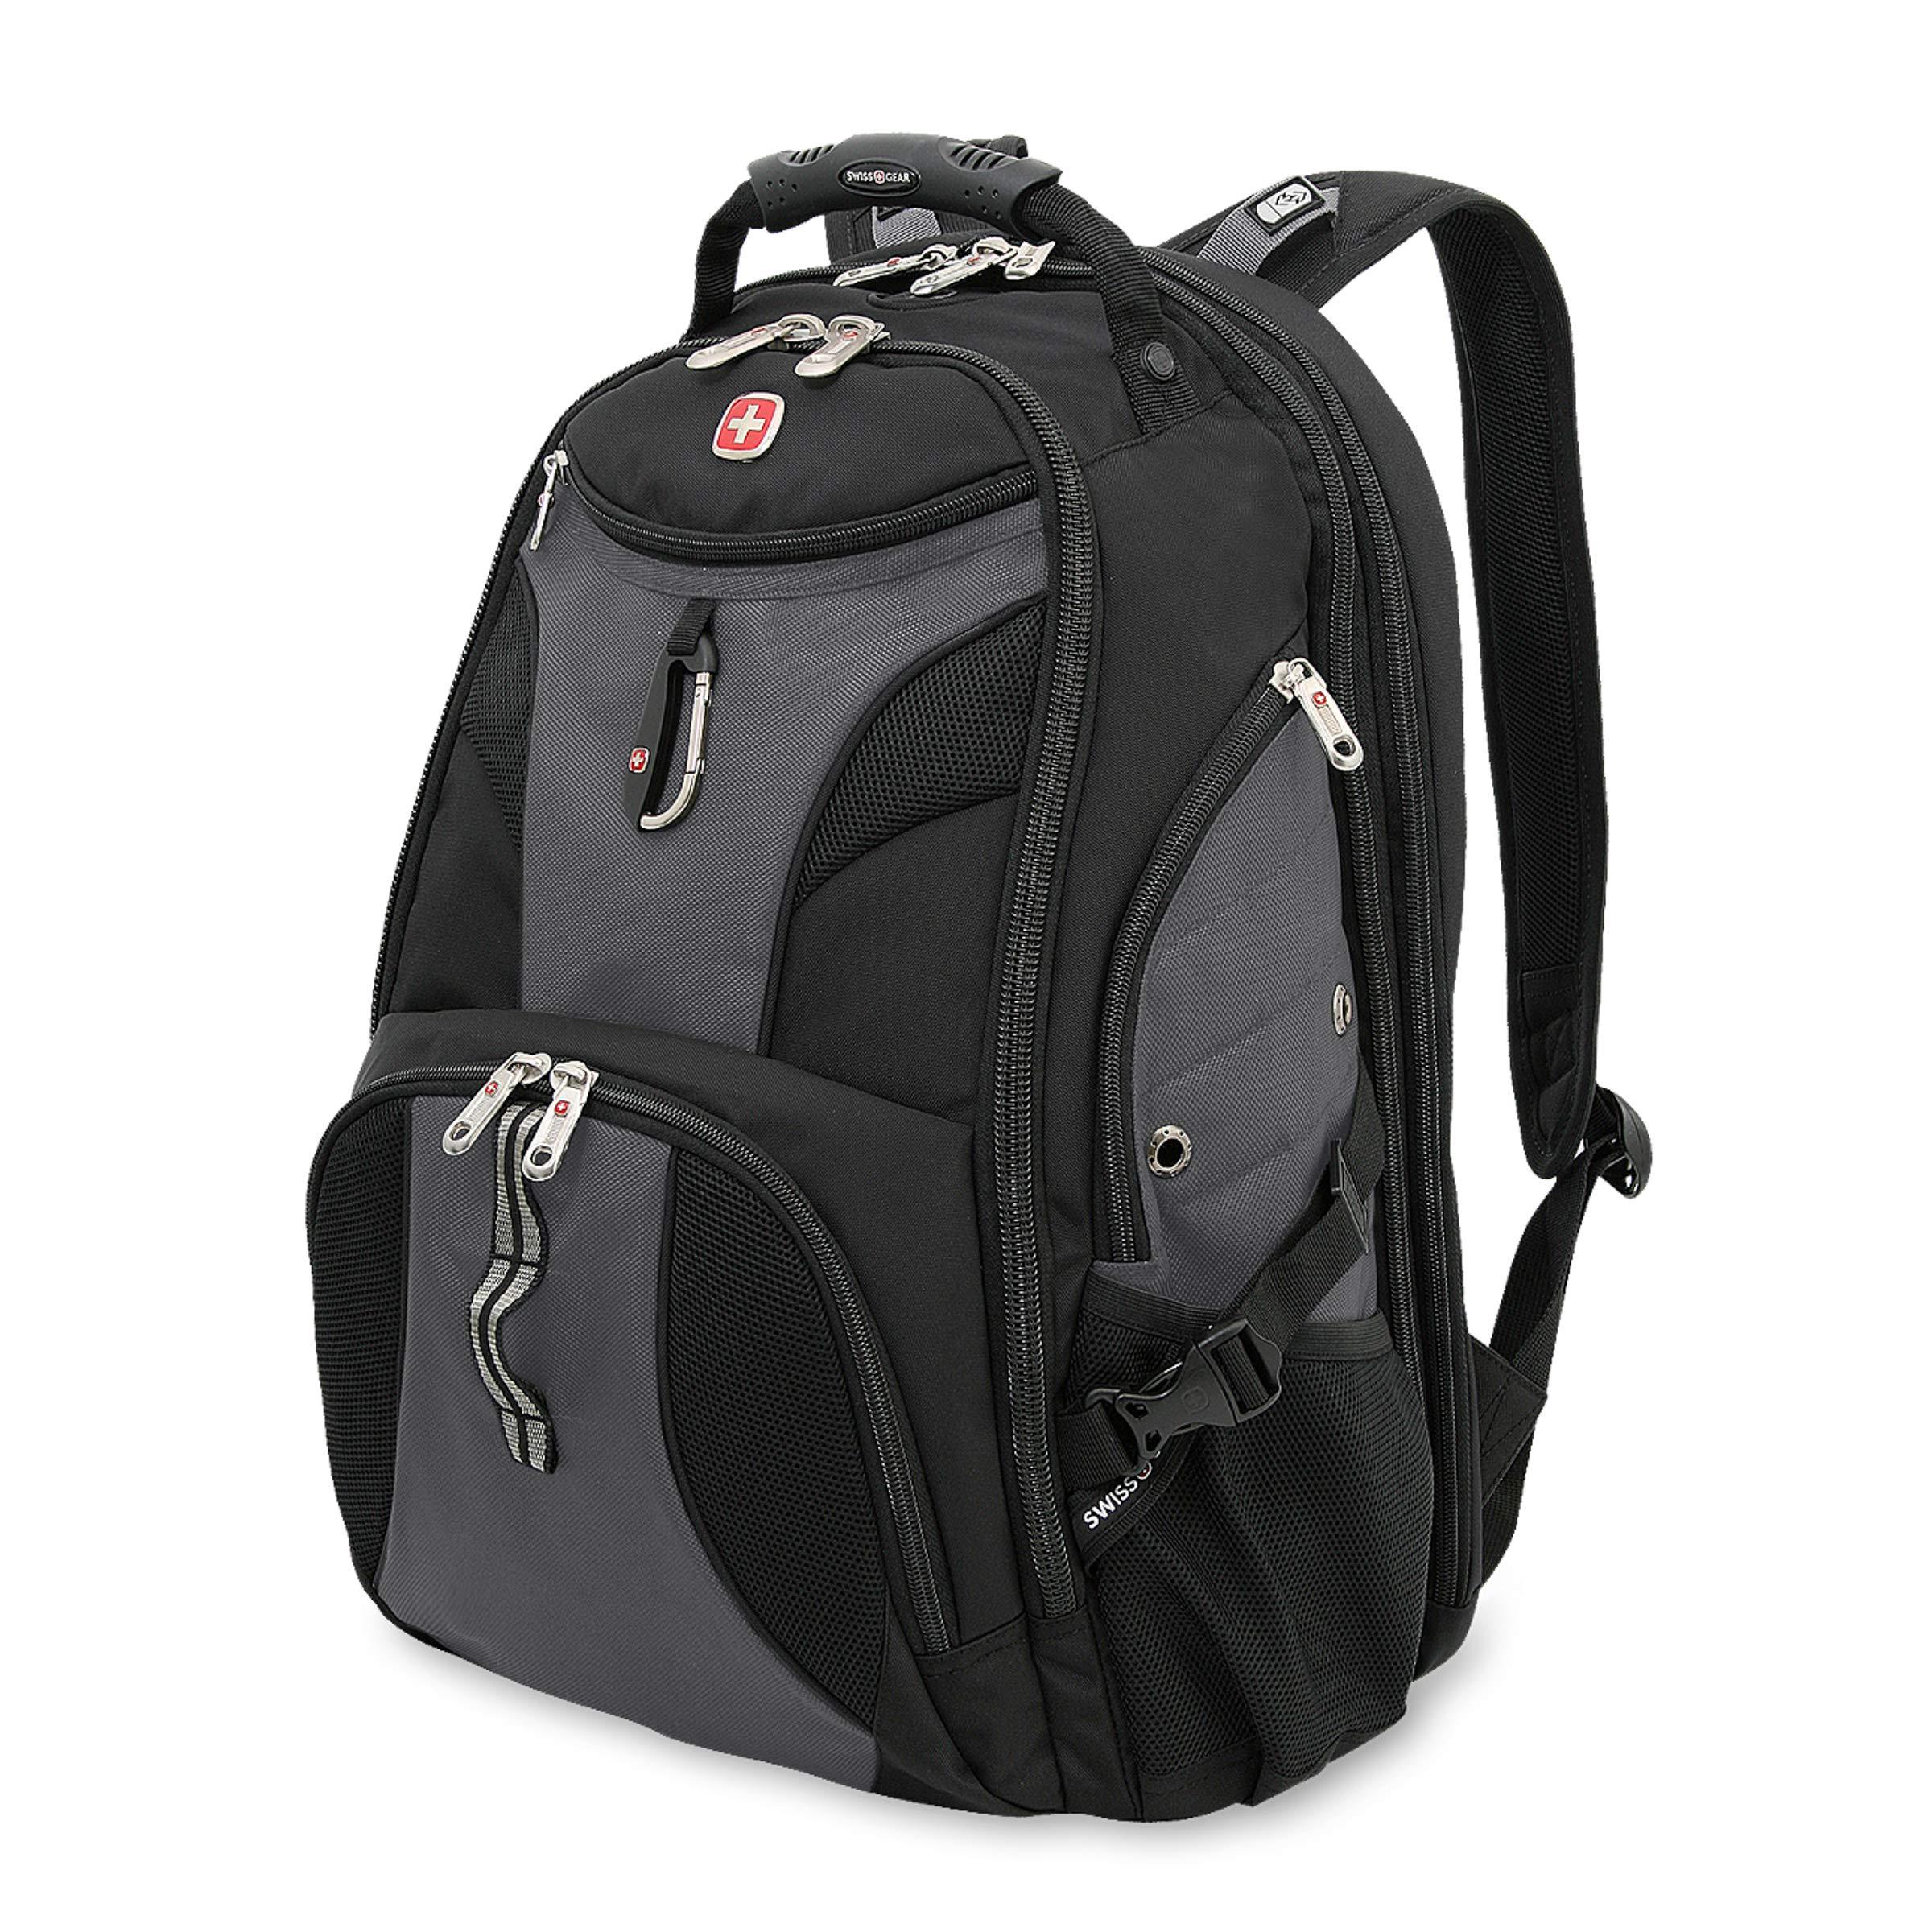 SwissGear Travel Gear 1900 Scansmart TSA Laptop Backpack - Gray by Swiss Gear